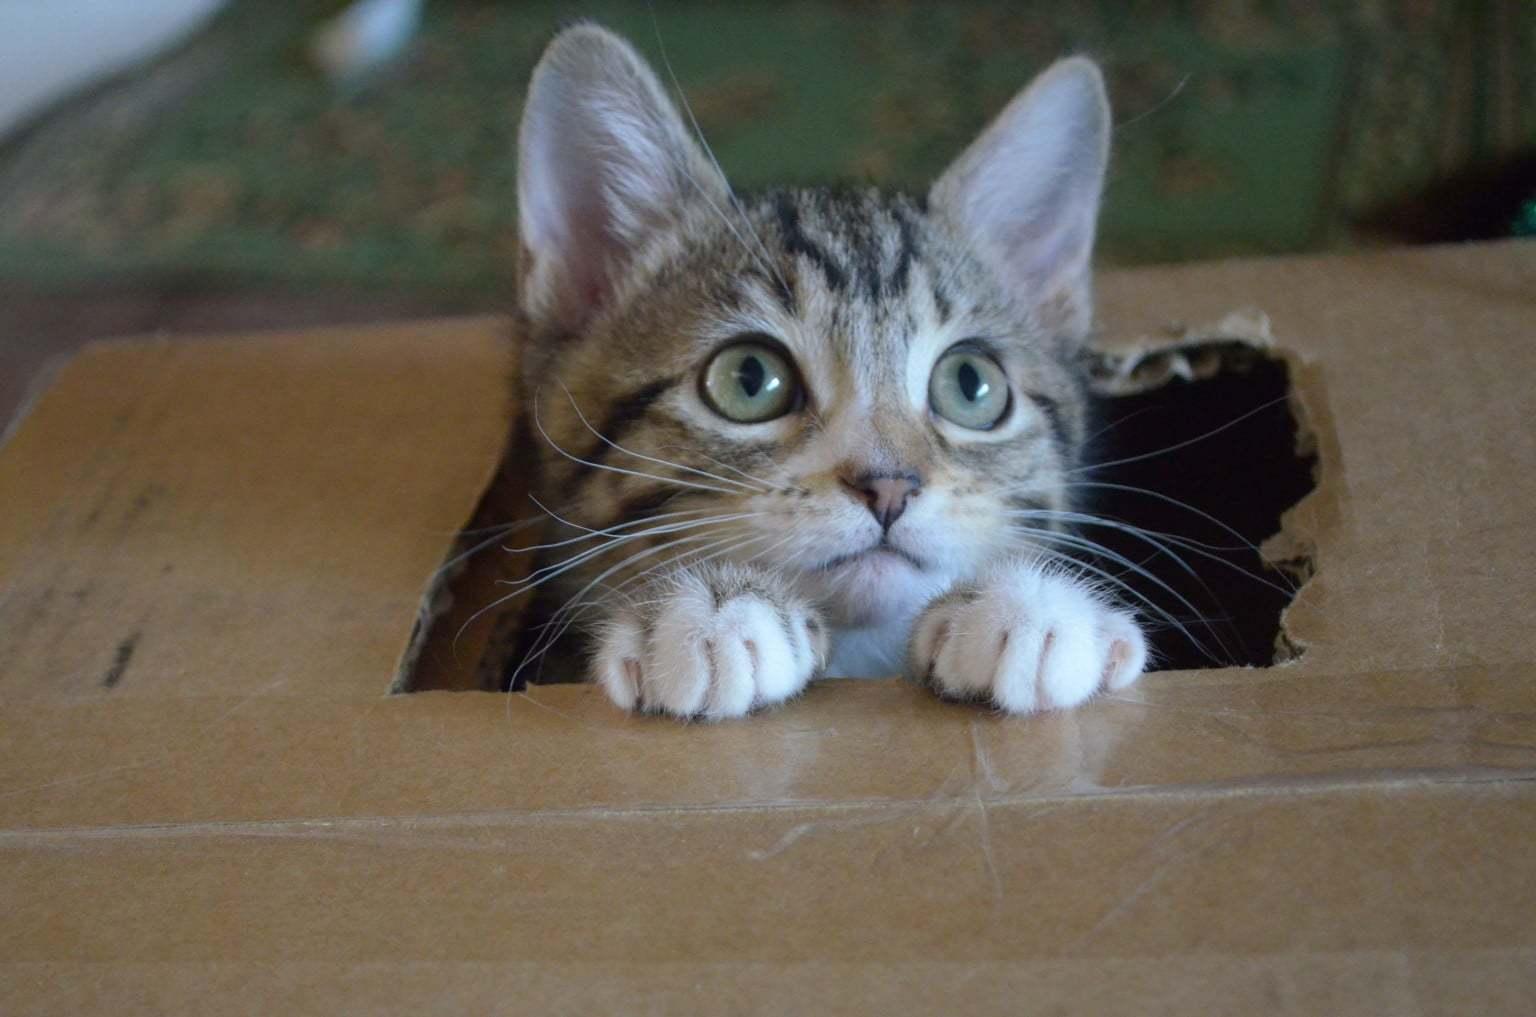 Problemas urinários em felinos